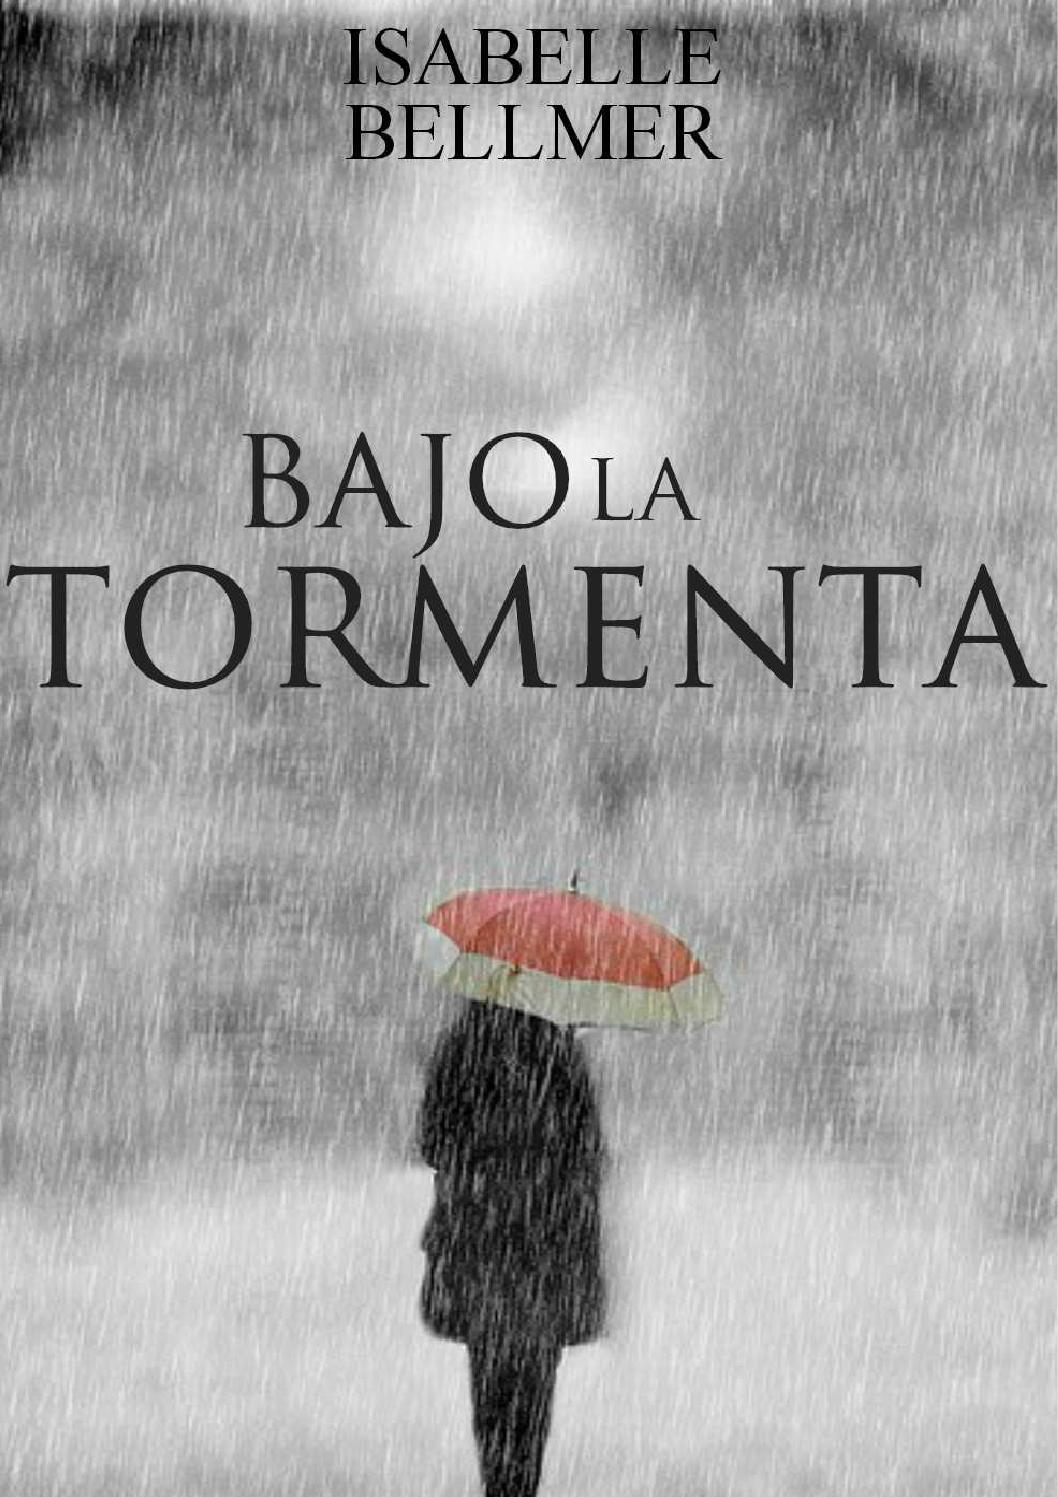 bajo la tormenta isabelle bellmer, by venezuela - issuu